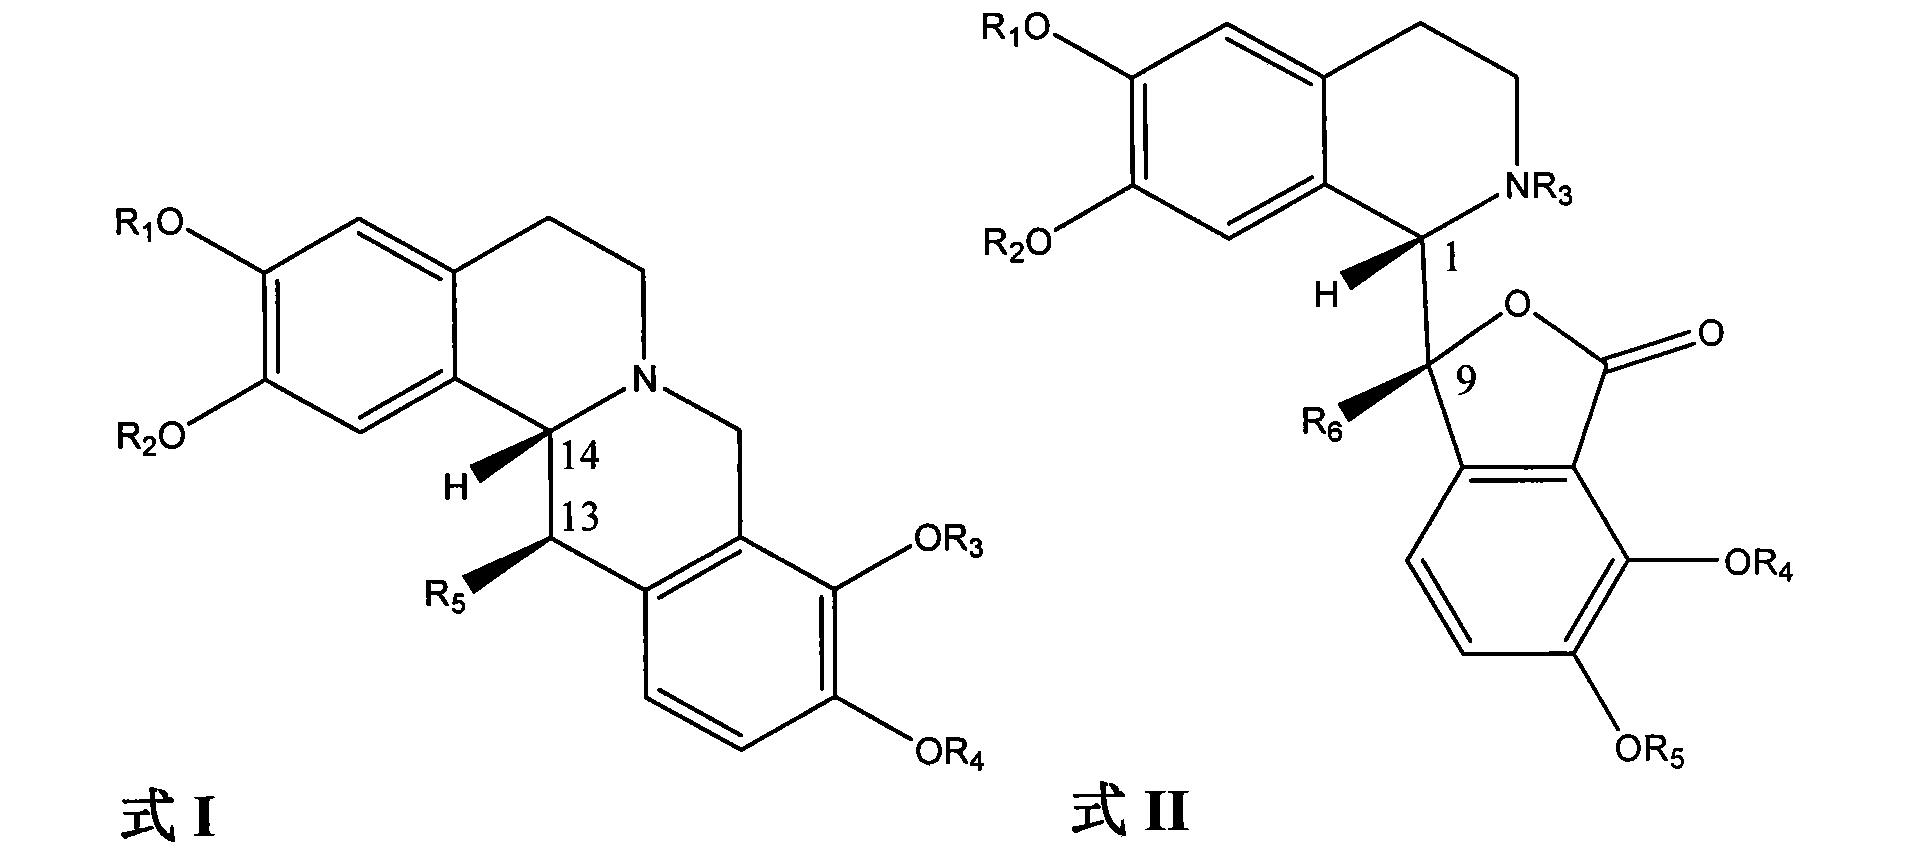 CN102256973A - 用于降低脂类水平的紫堇碱衍生物- Google Patents 659e3d65dd0d